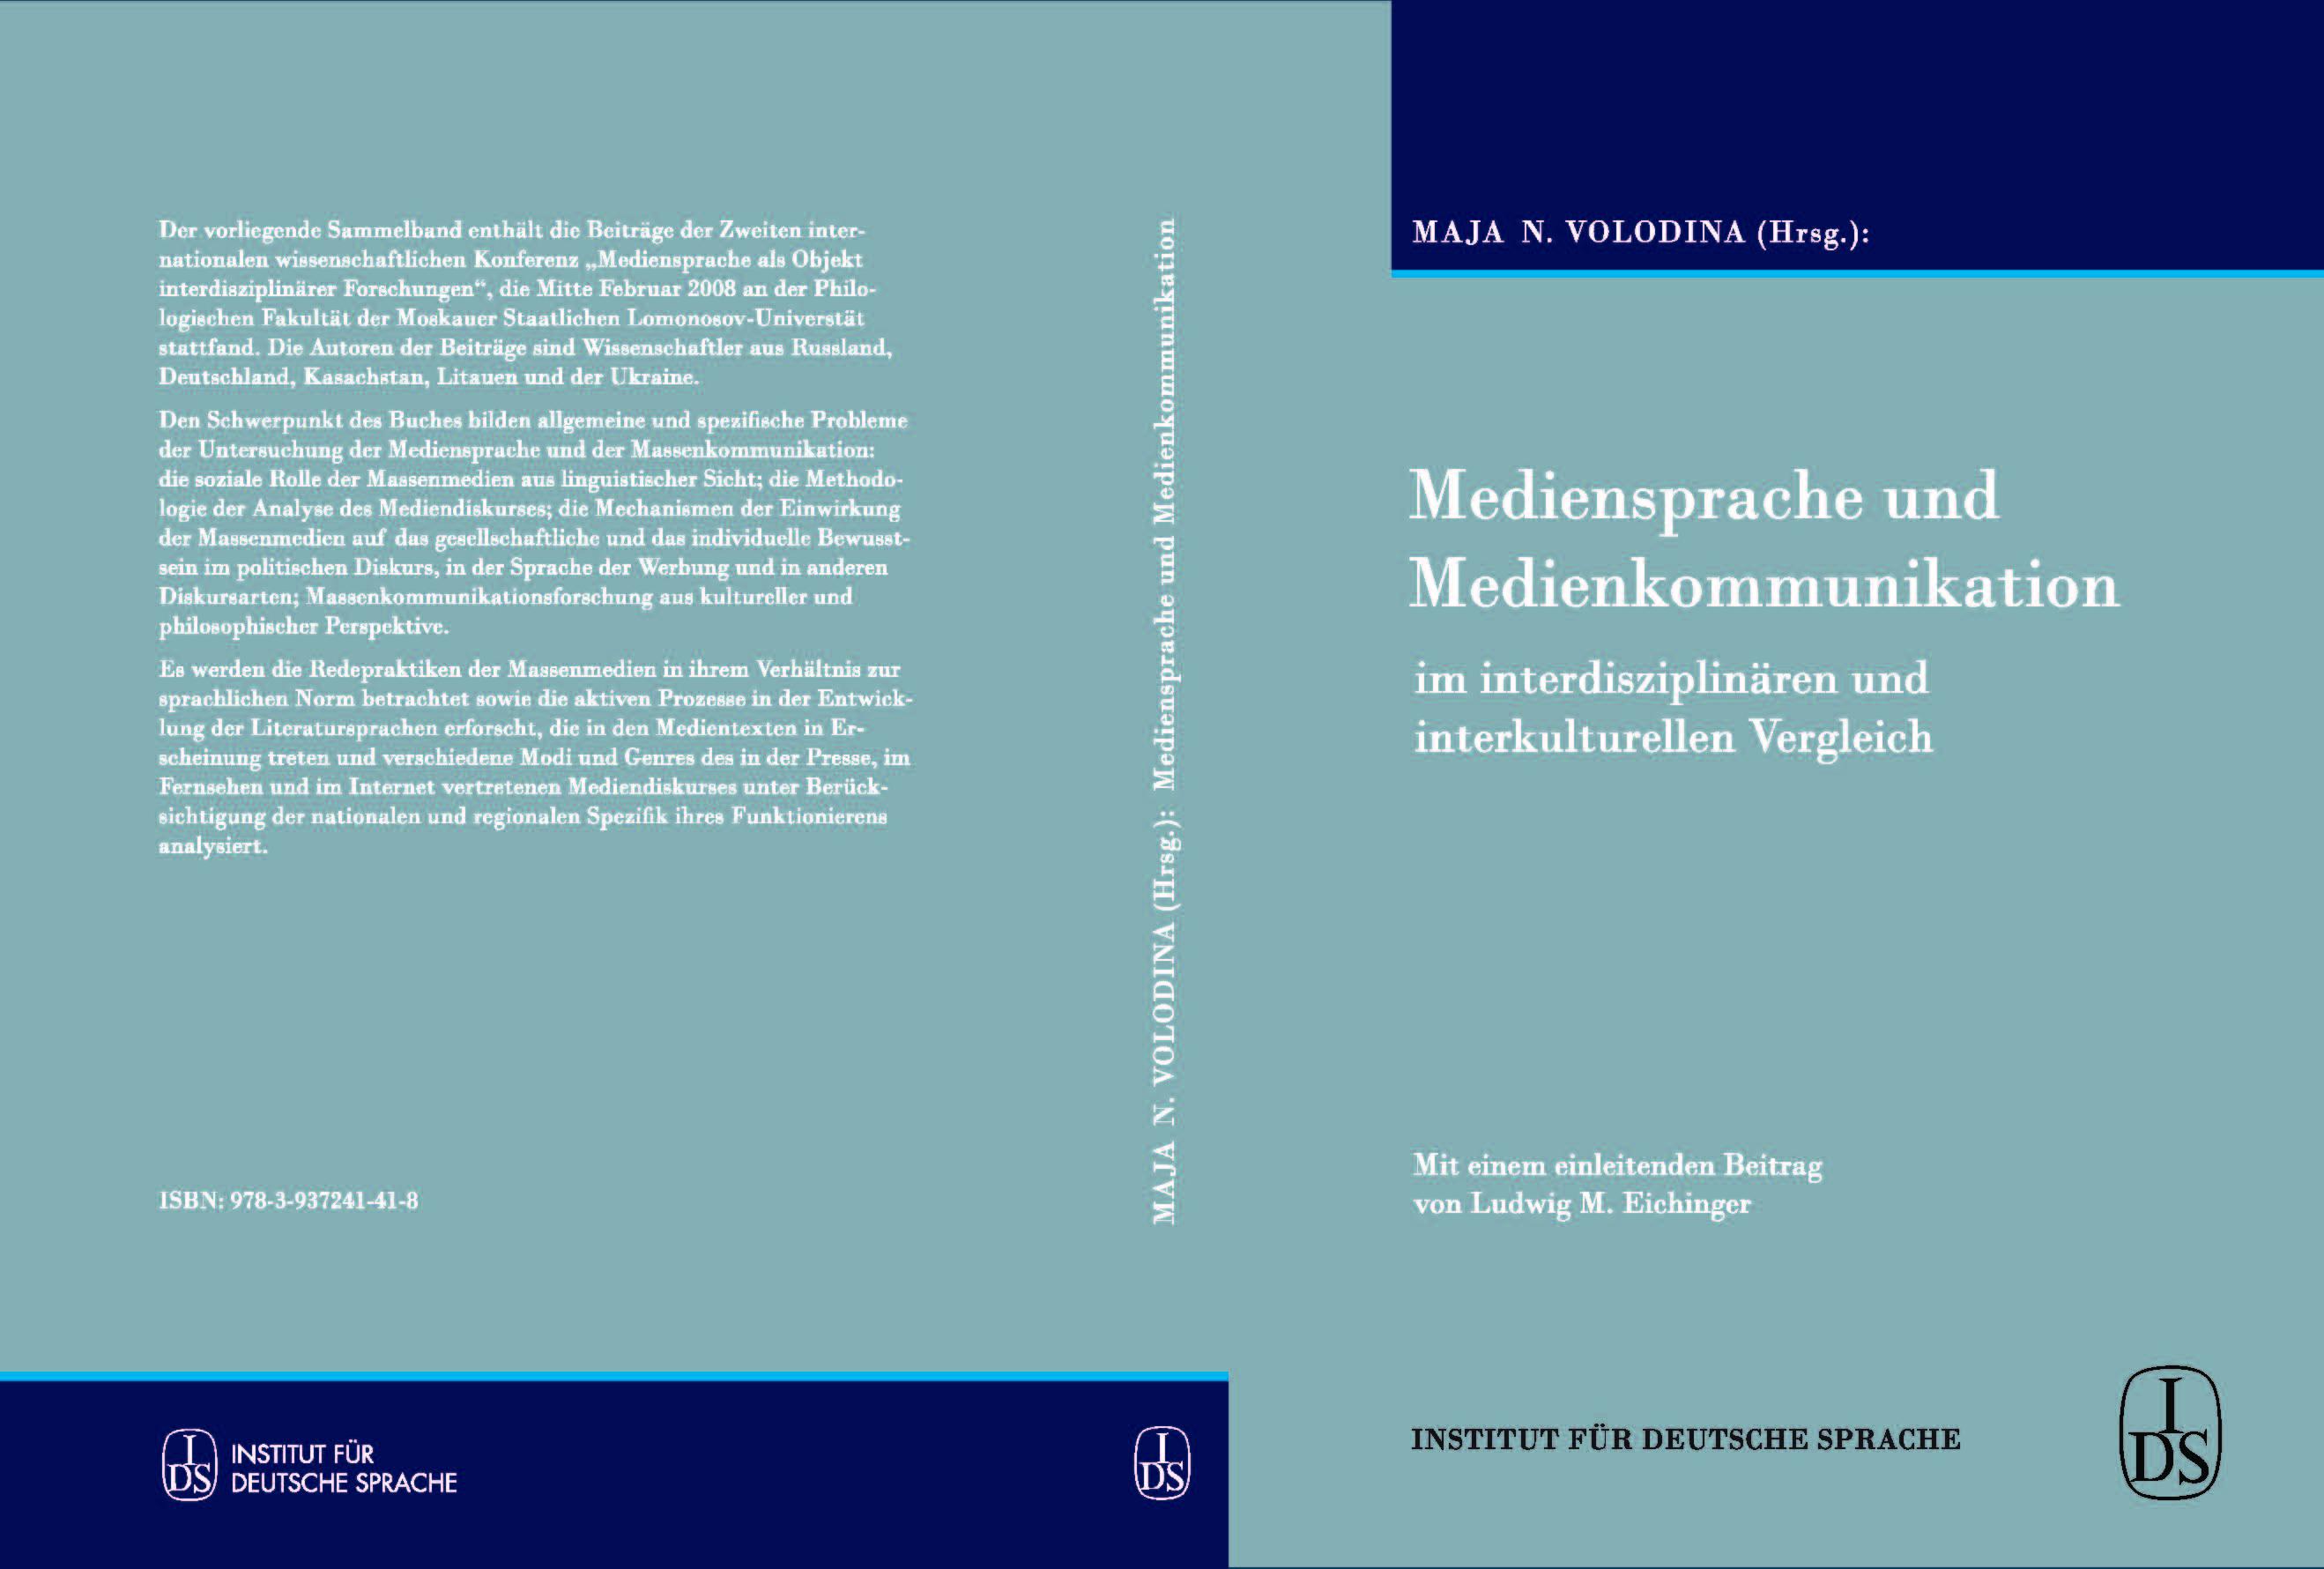 Mediensprache und Medienkommunikation im interdisziplinären und interkulturellen Vergleich